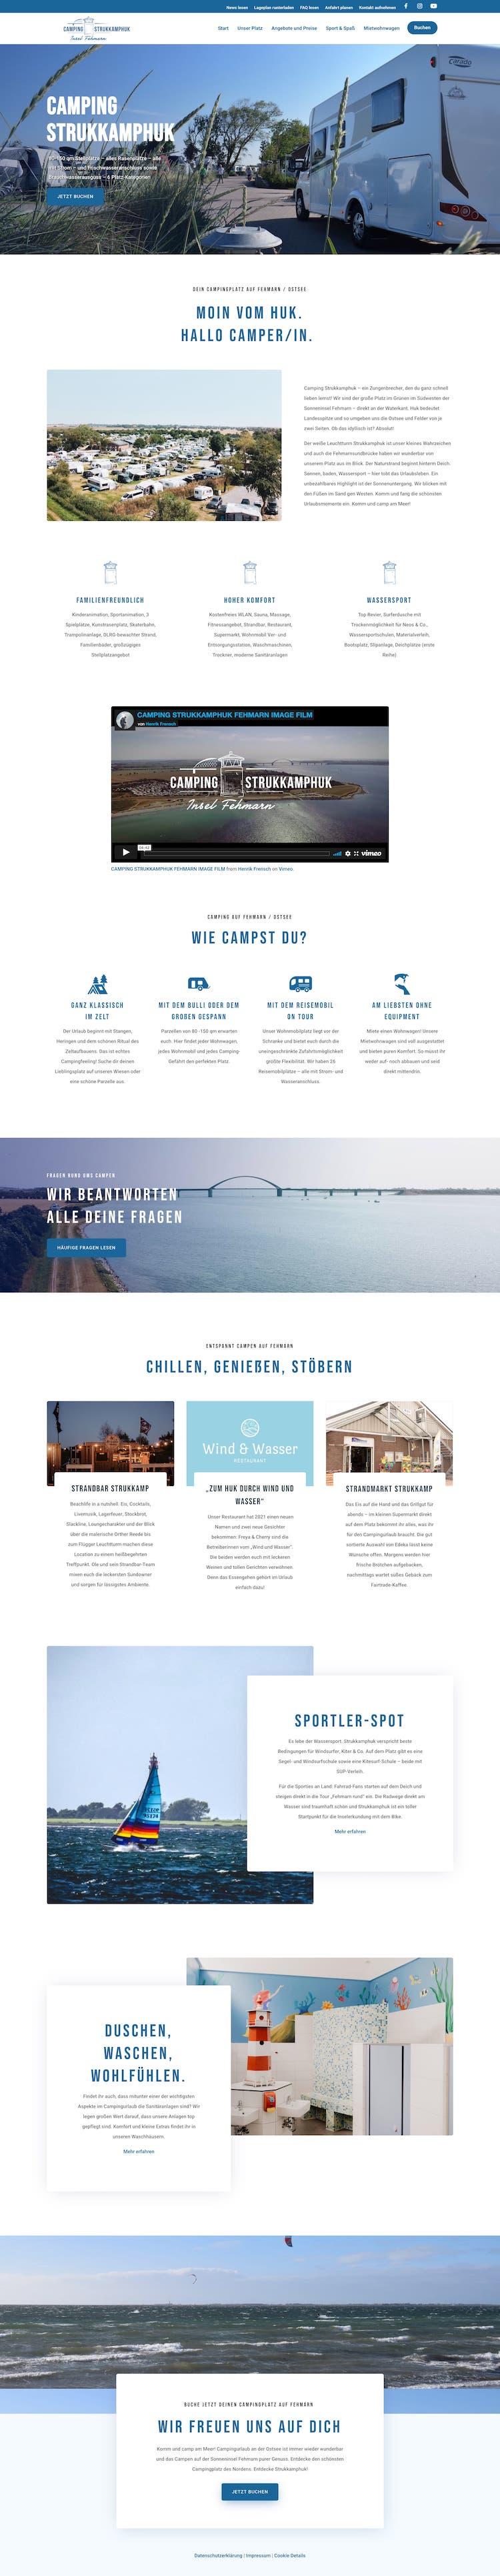 Webdesign für Campingplatz